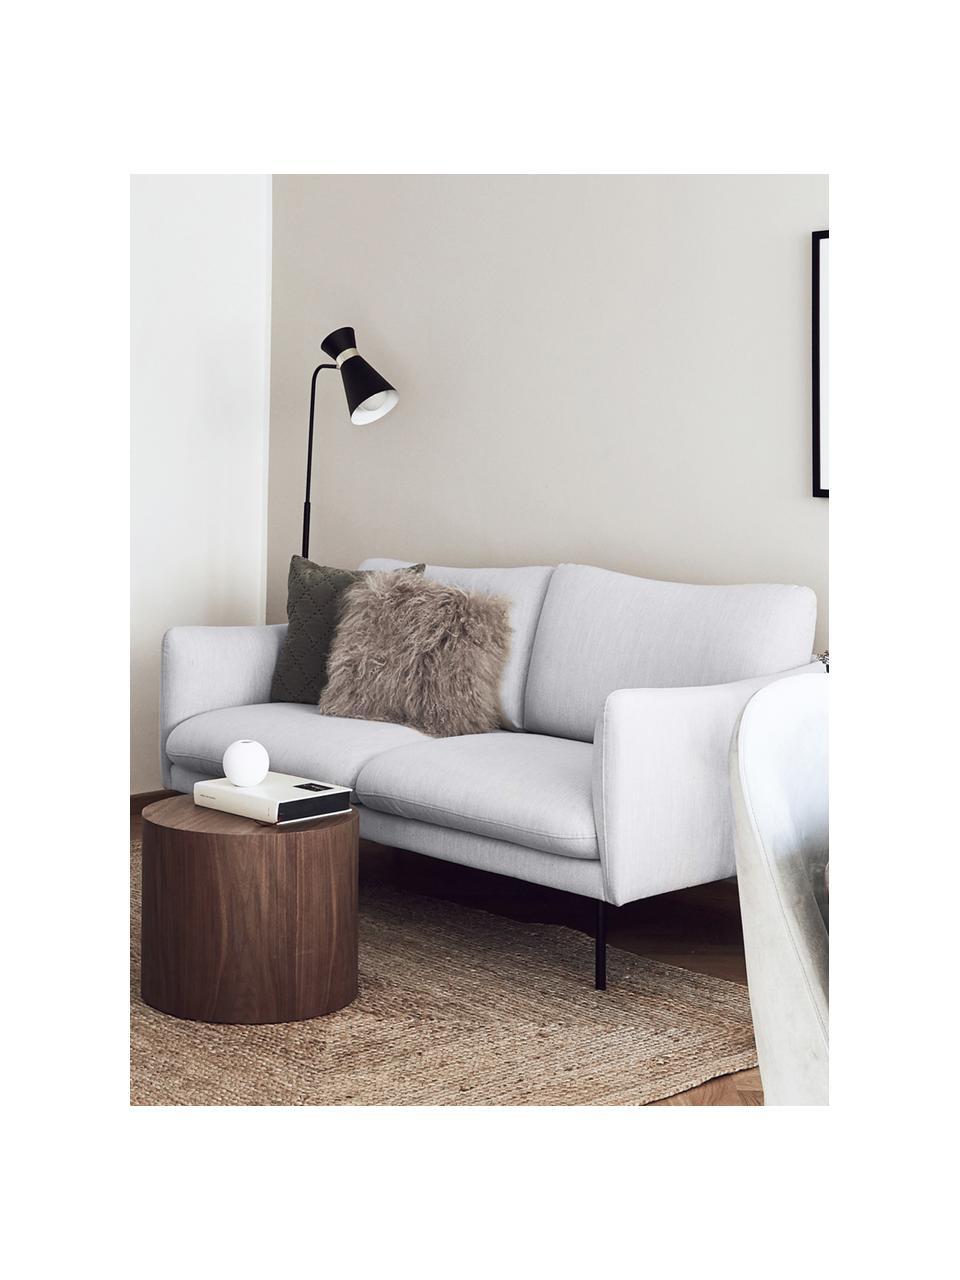 Bank Moby (2-zits) in lichtgrijs met metalen poten, Bekleding: polyester, Frame: massief grenenhout, Poten: gepoedercoat metaal, Lichtgrijs, B 170 x D 95 cm